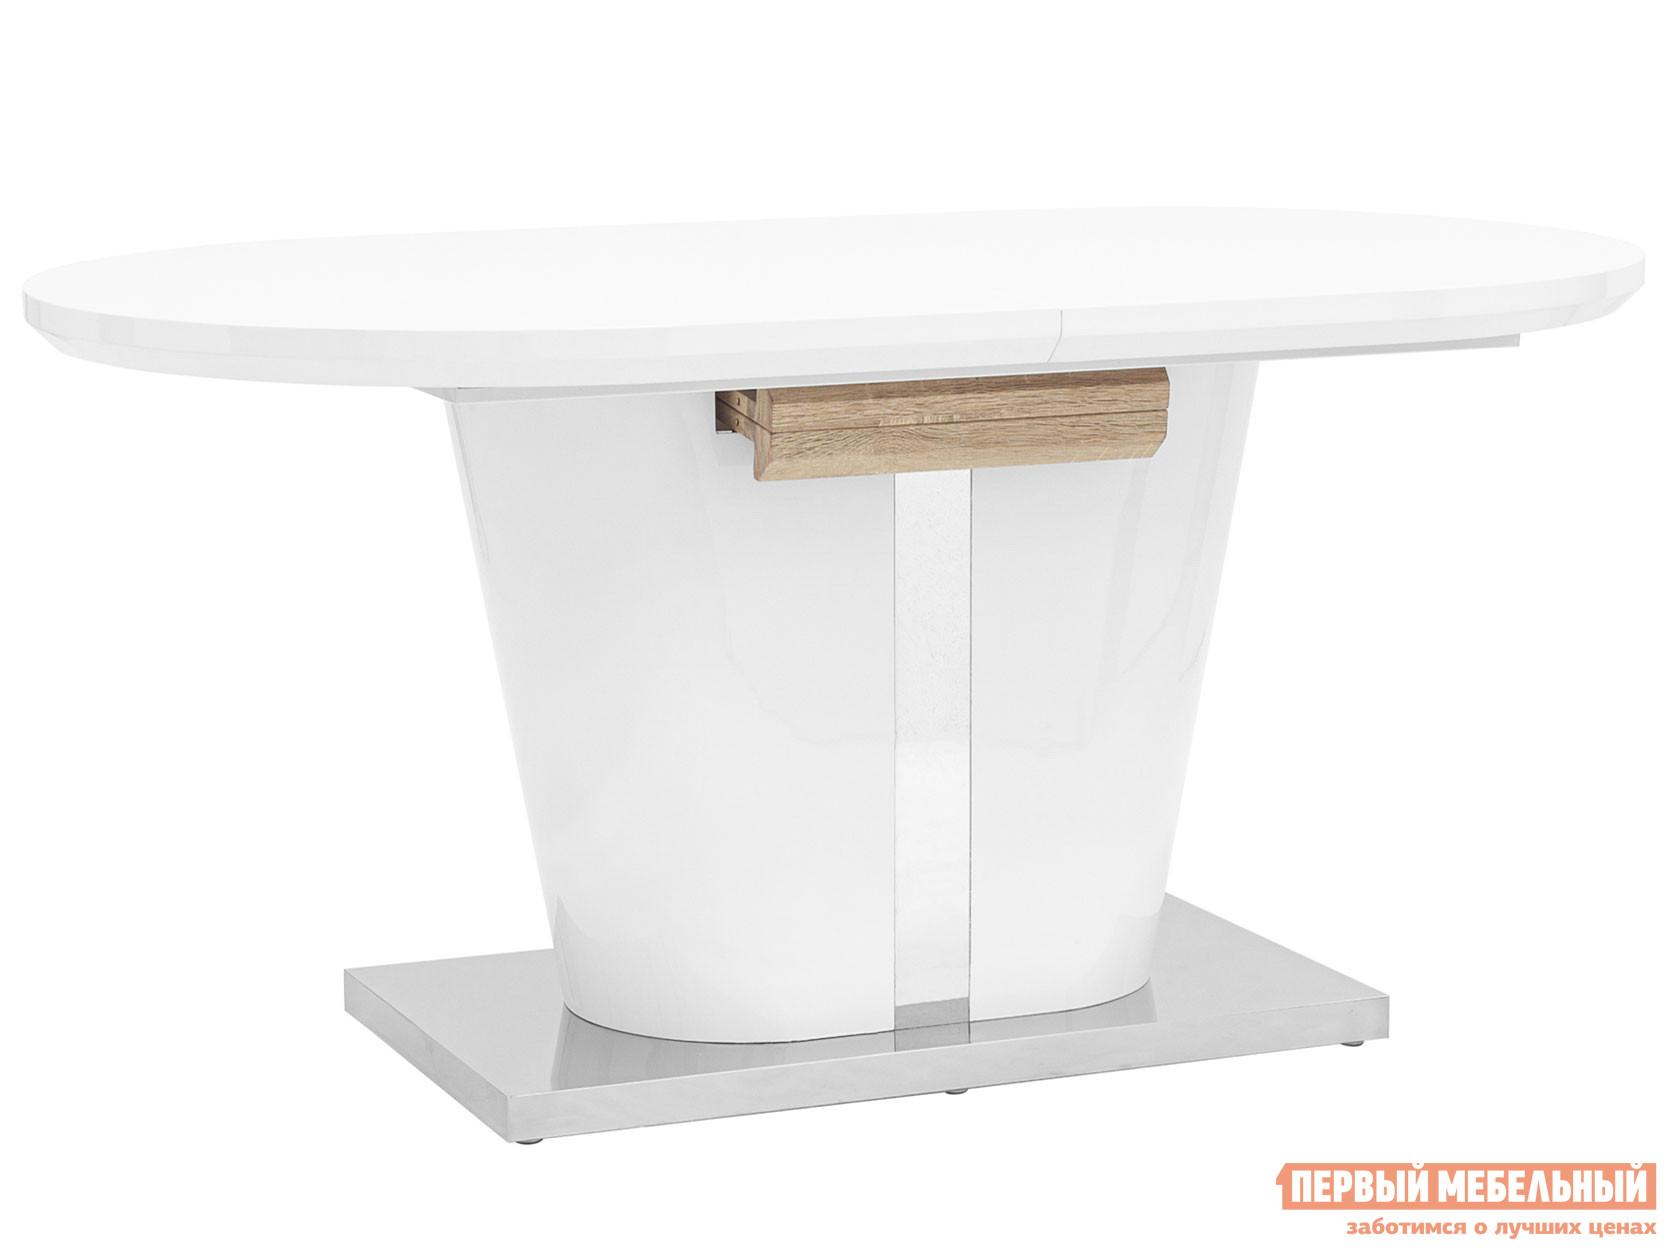 Кухонный стол Stool Group Стол обеденный Мулен, раскладной DT-44-160-HGW DUAL